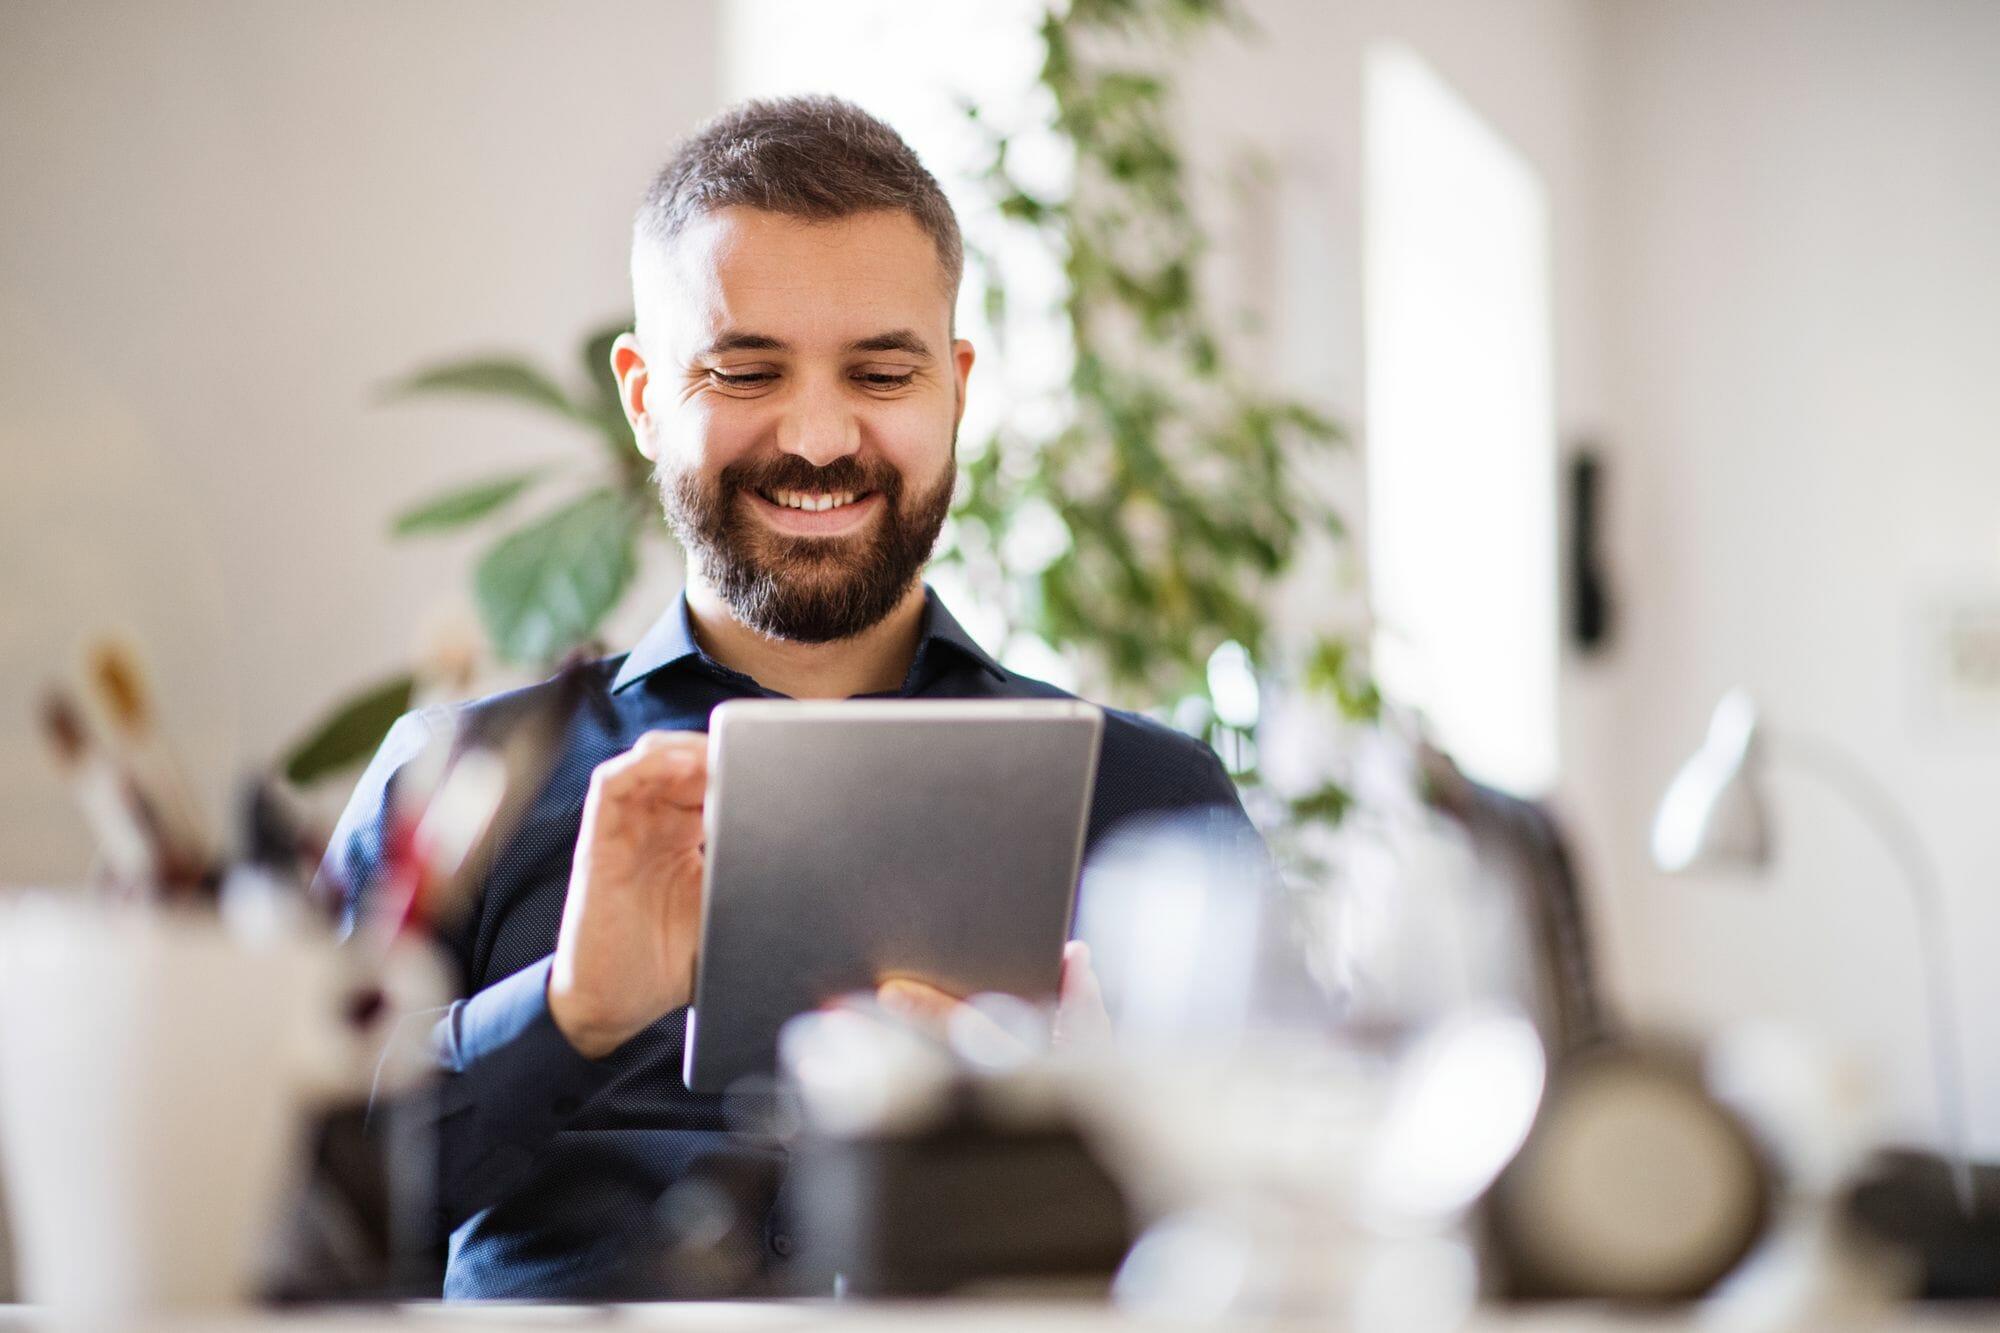 Programa de fidelidade: como torná-lo estratégico para a empresa?